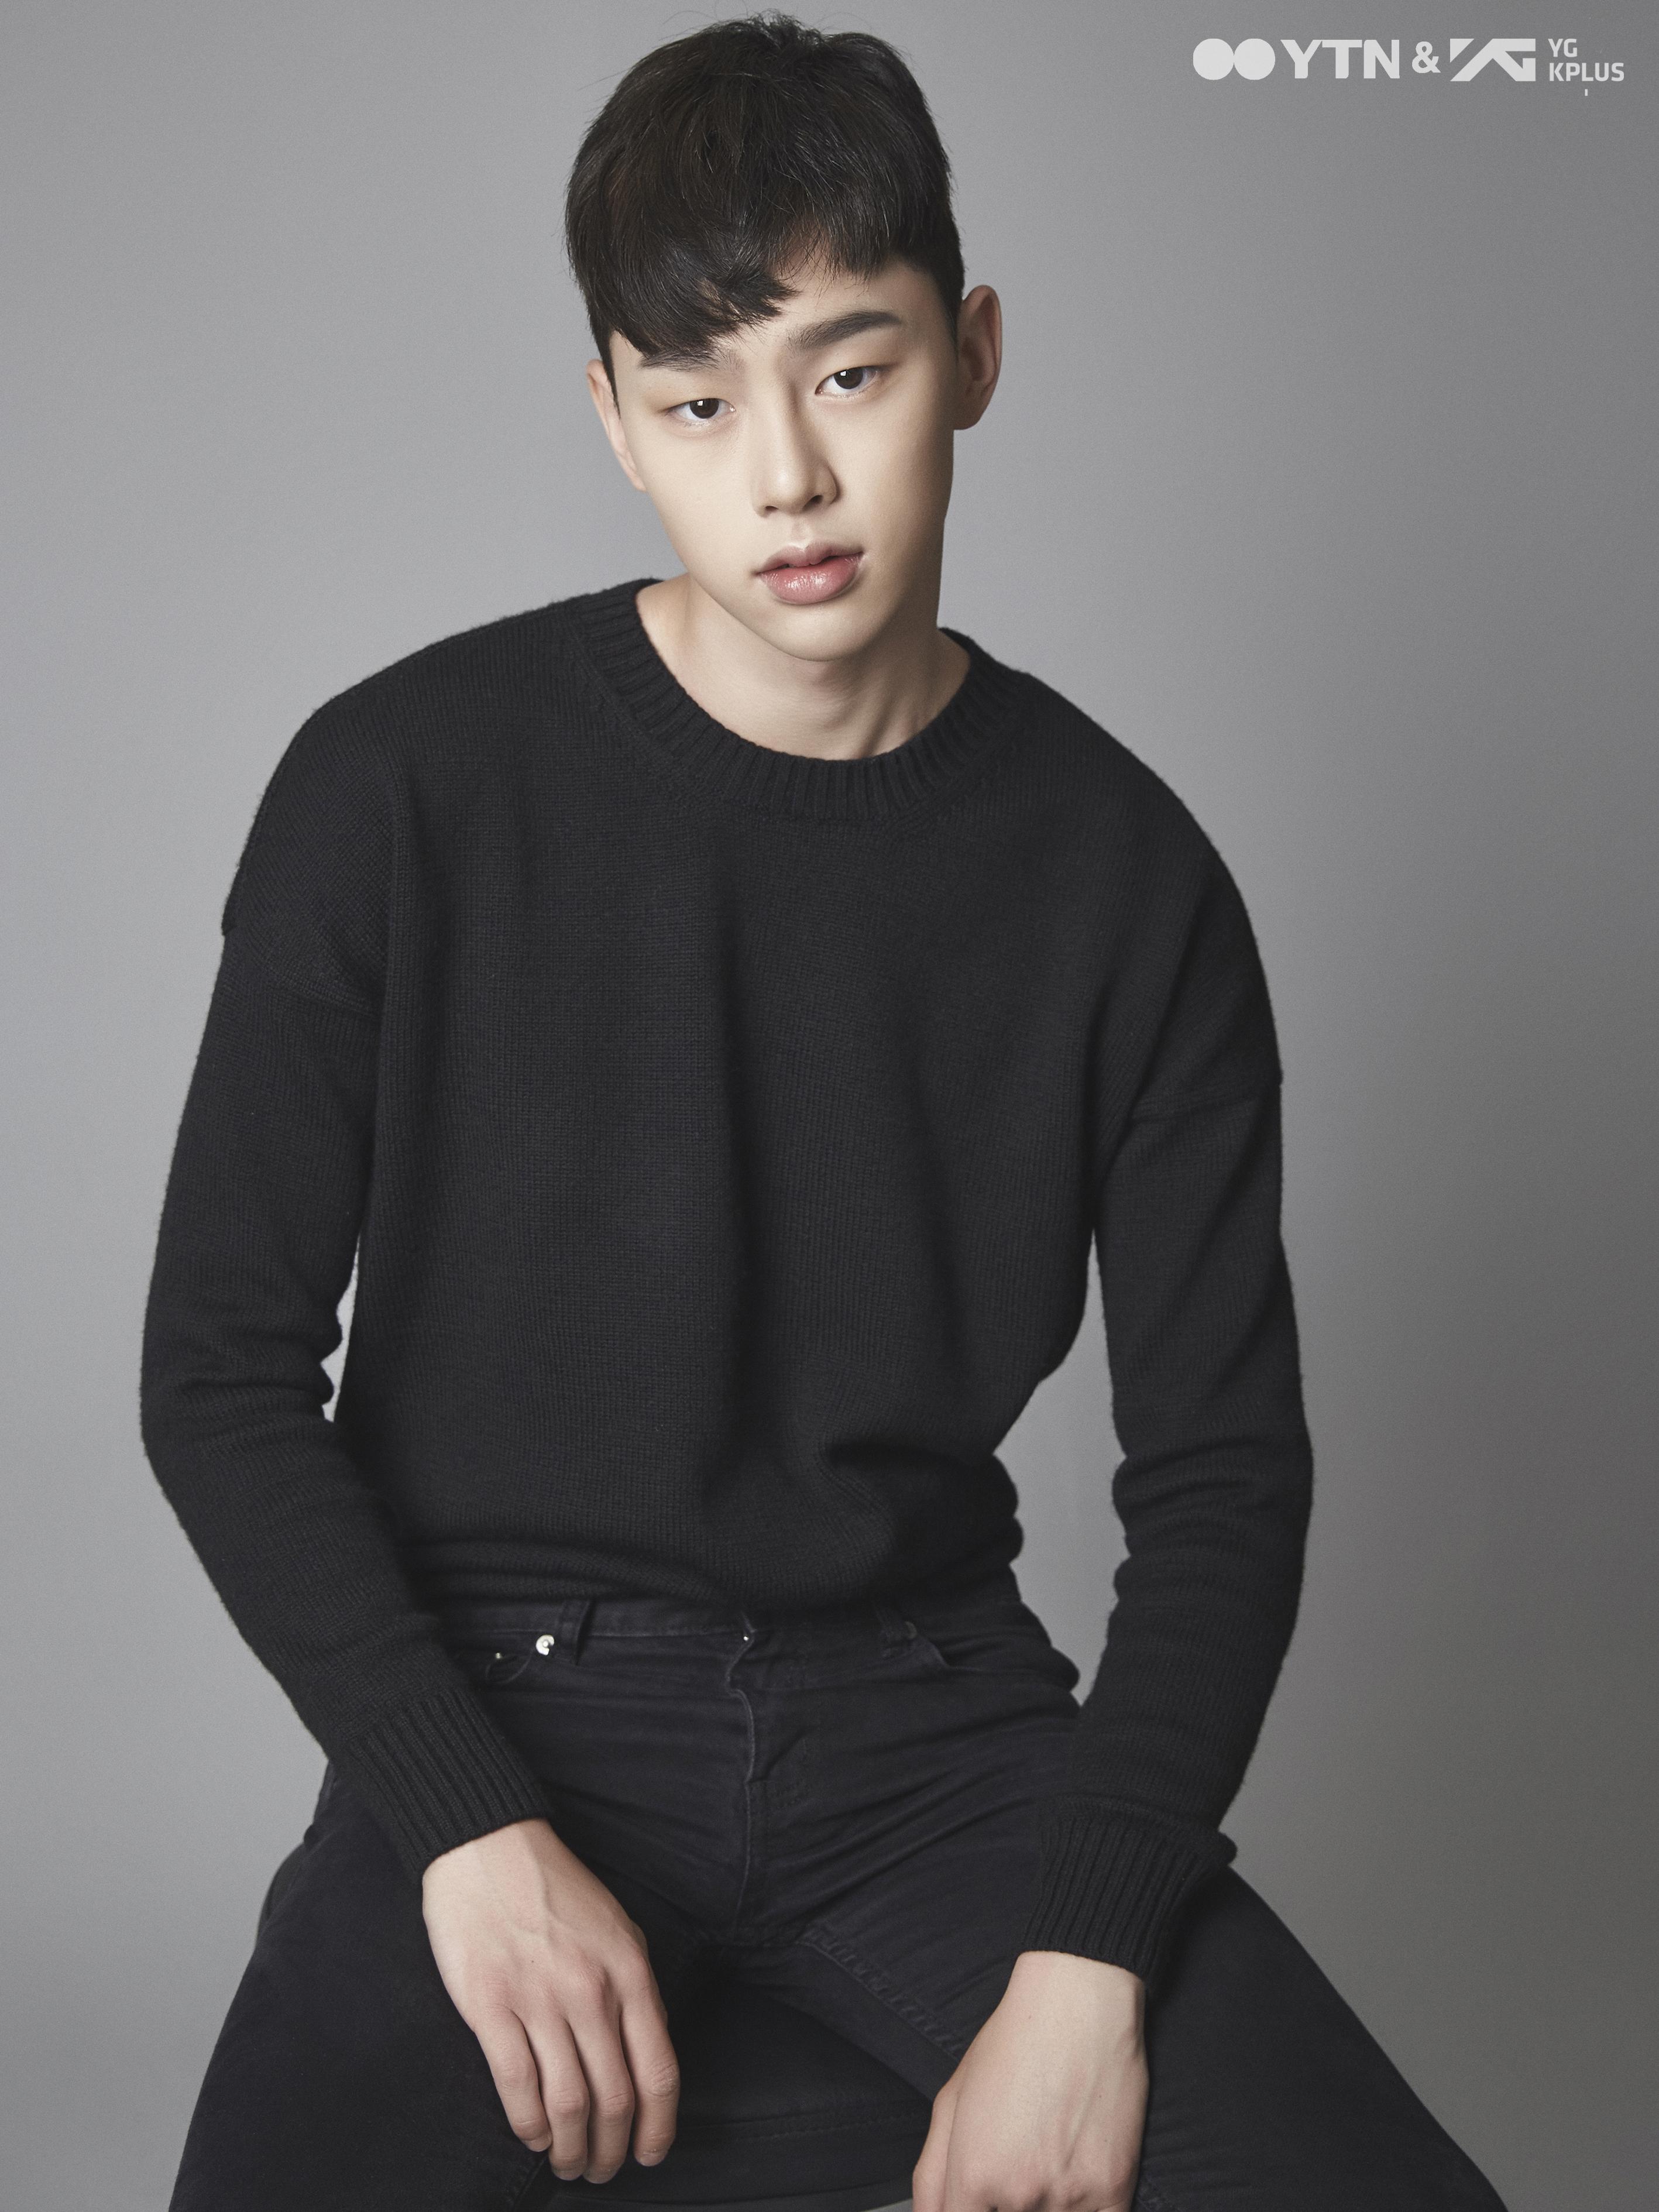 권현빈, MBC 예능 드라마 '보그맘'에 '현빈'역으로 캐스팅